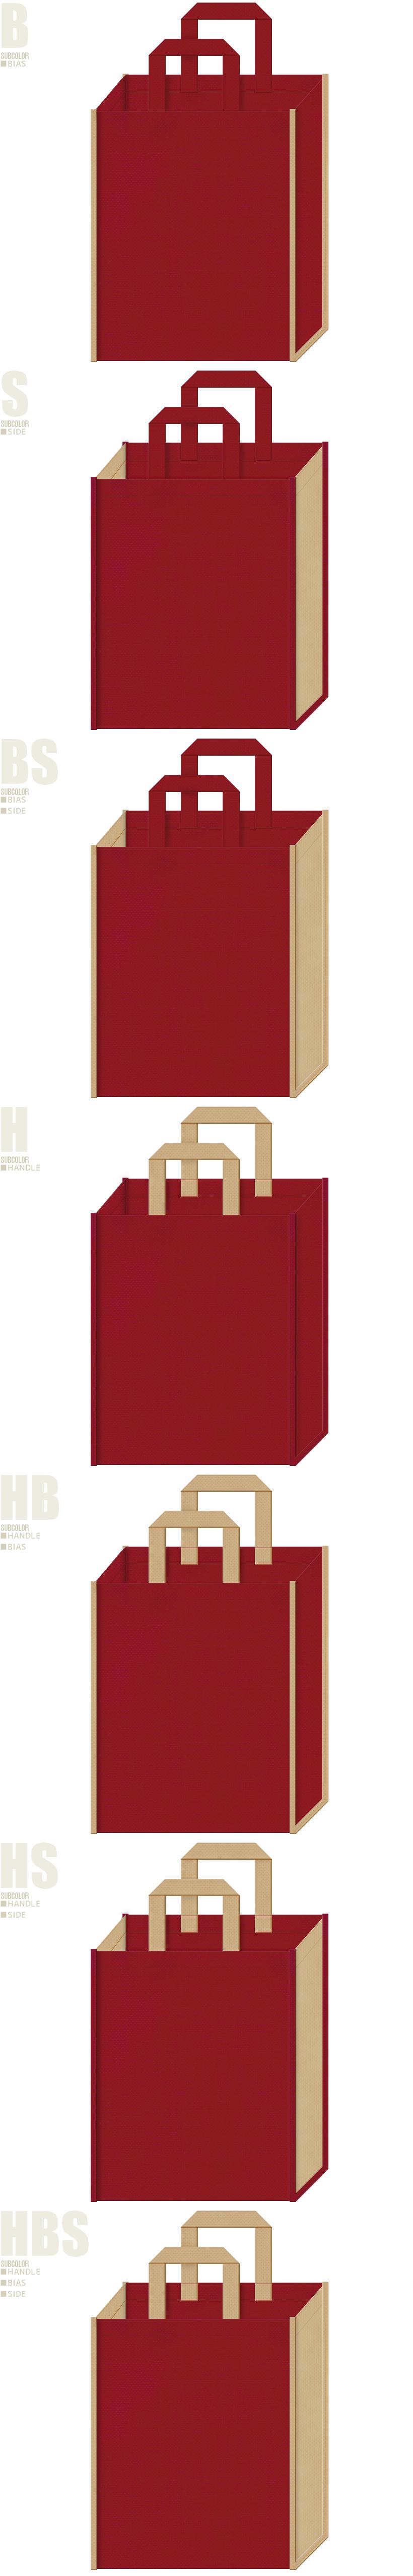 伝統芸能・伝統工芸・和風演出・和風ディスプレイ・和風催事にお奨めの不織布バッグデザイン:エンジ色とカーキ色の配色7パターン